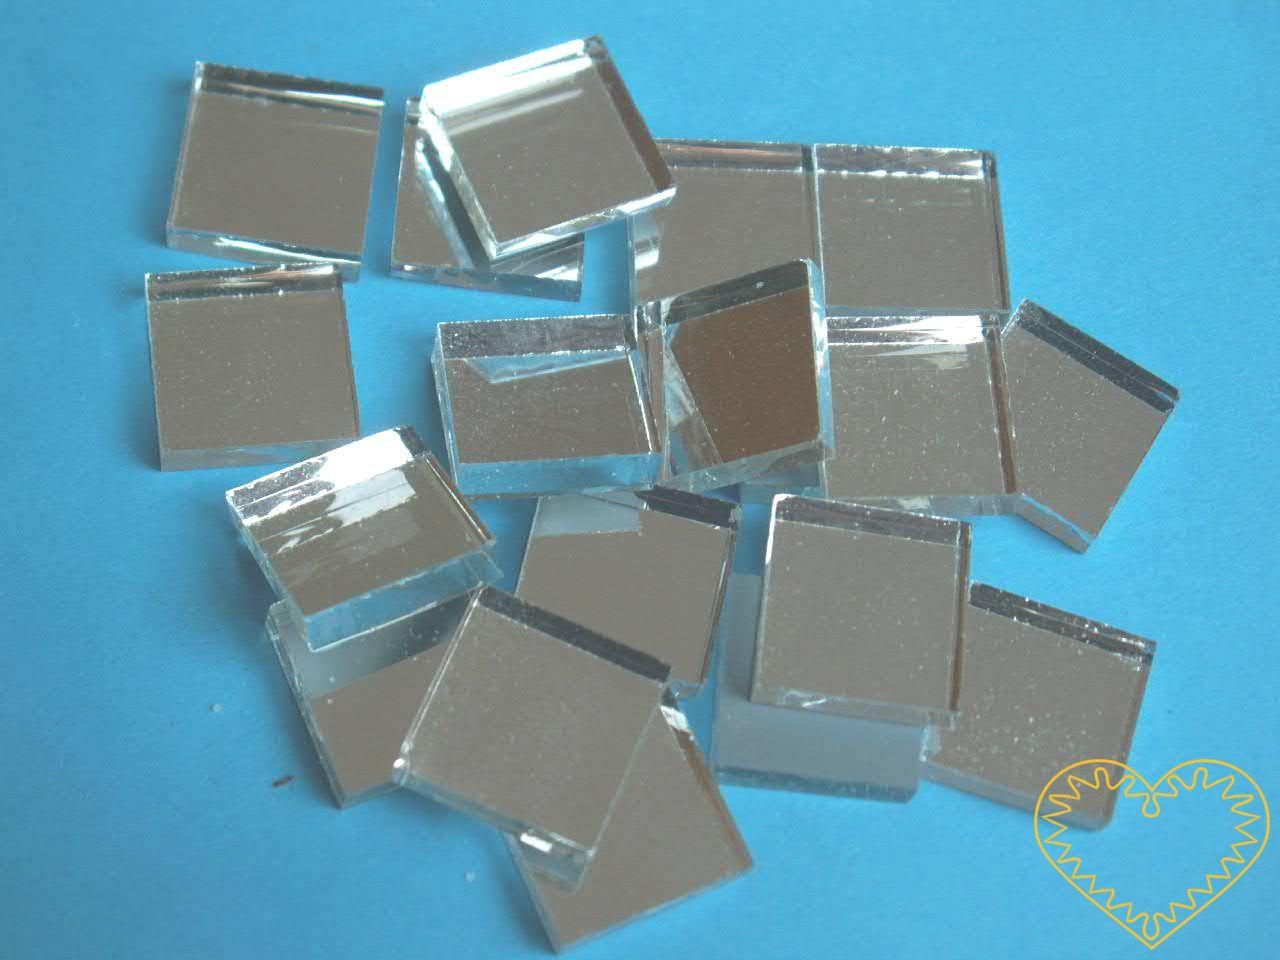 Zrcadlová mozaika - čtverečky 15 x 15 mm - sada obsahuje cca 100 skleněných zrcadlových čtverečků. Hmotnost balení je 200 g. Pomocí těchto těchto zrcadlových čtverčků lze vytvořit zajímavou mozaiku na různé povrchy např. dřevo, umělou hmotu, sklo, ke